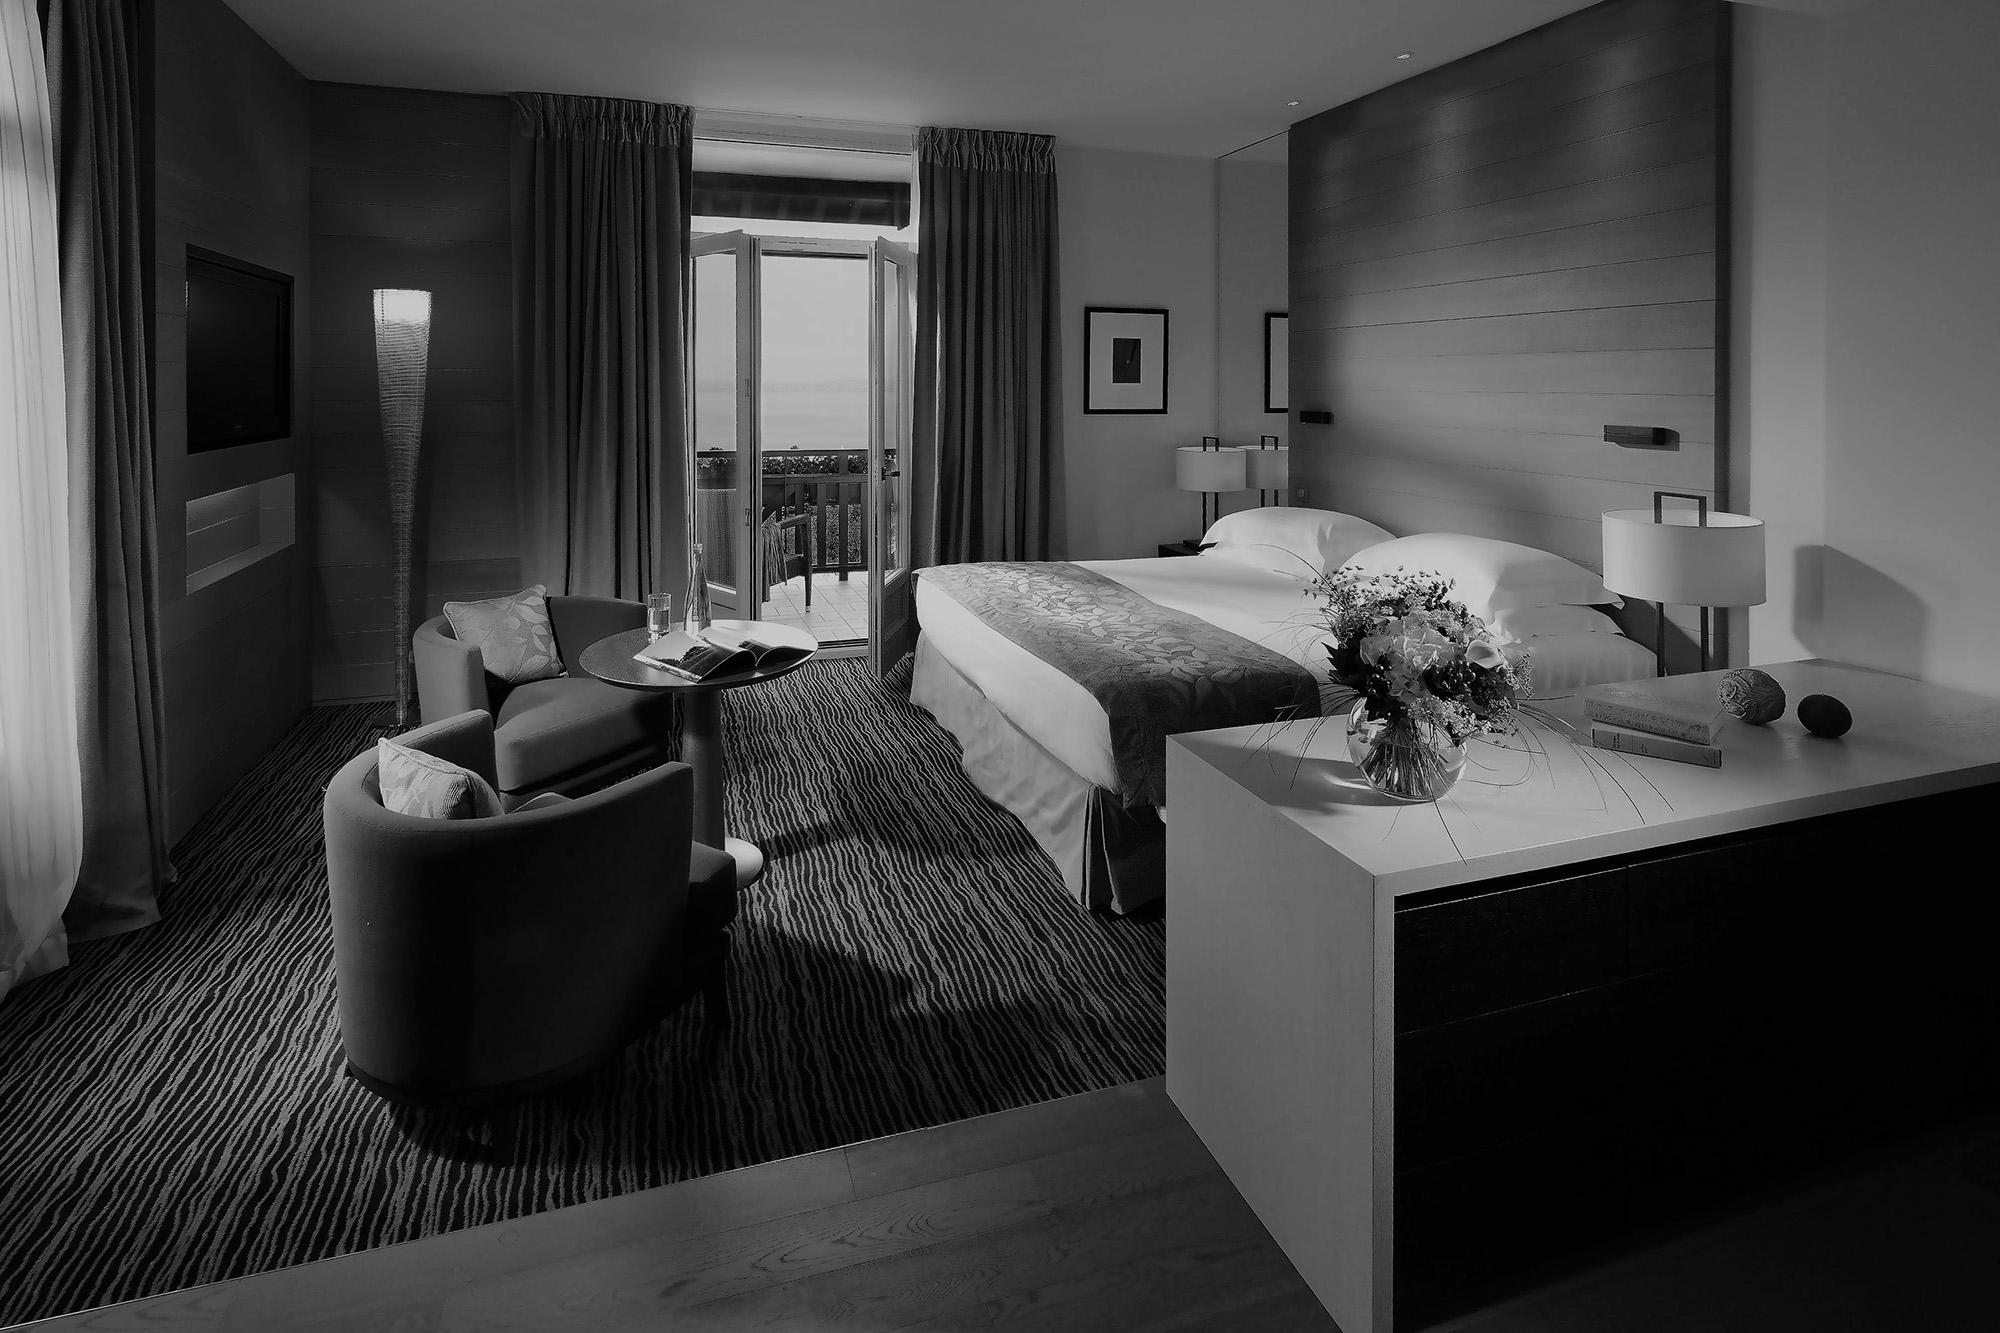 Photographie d'hôtels par Philippe Hahn